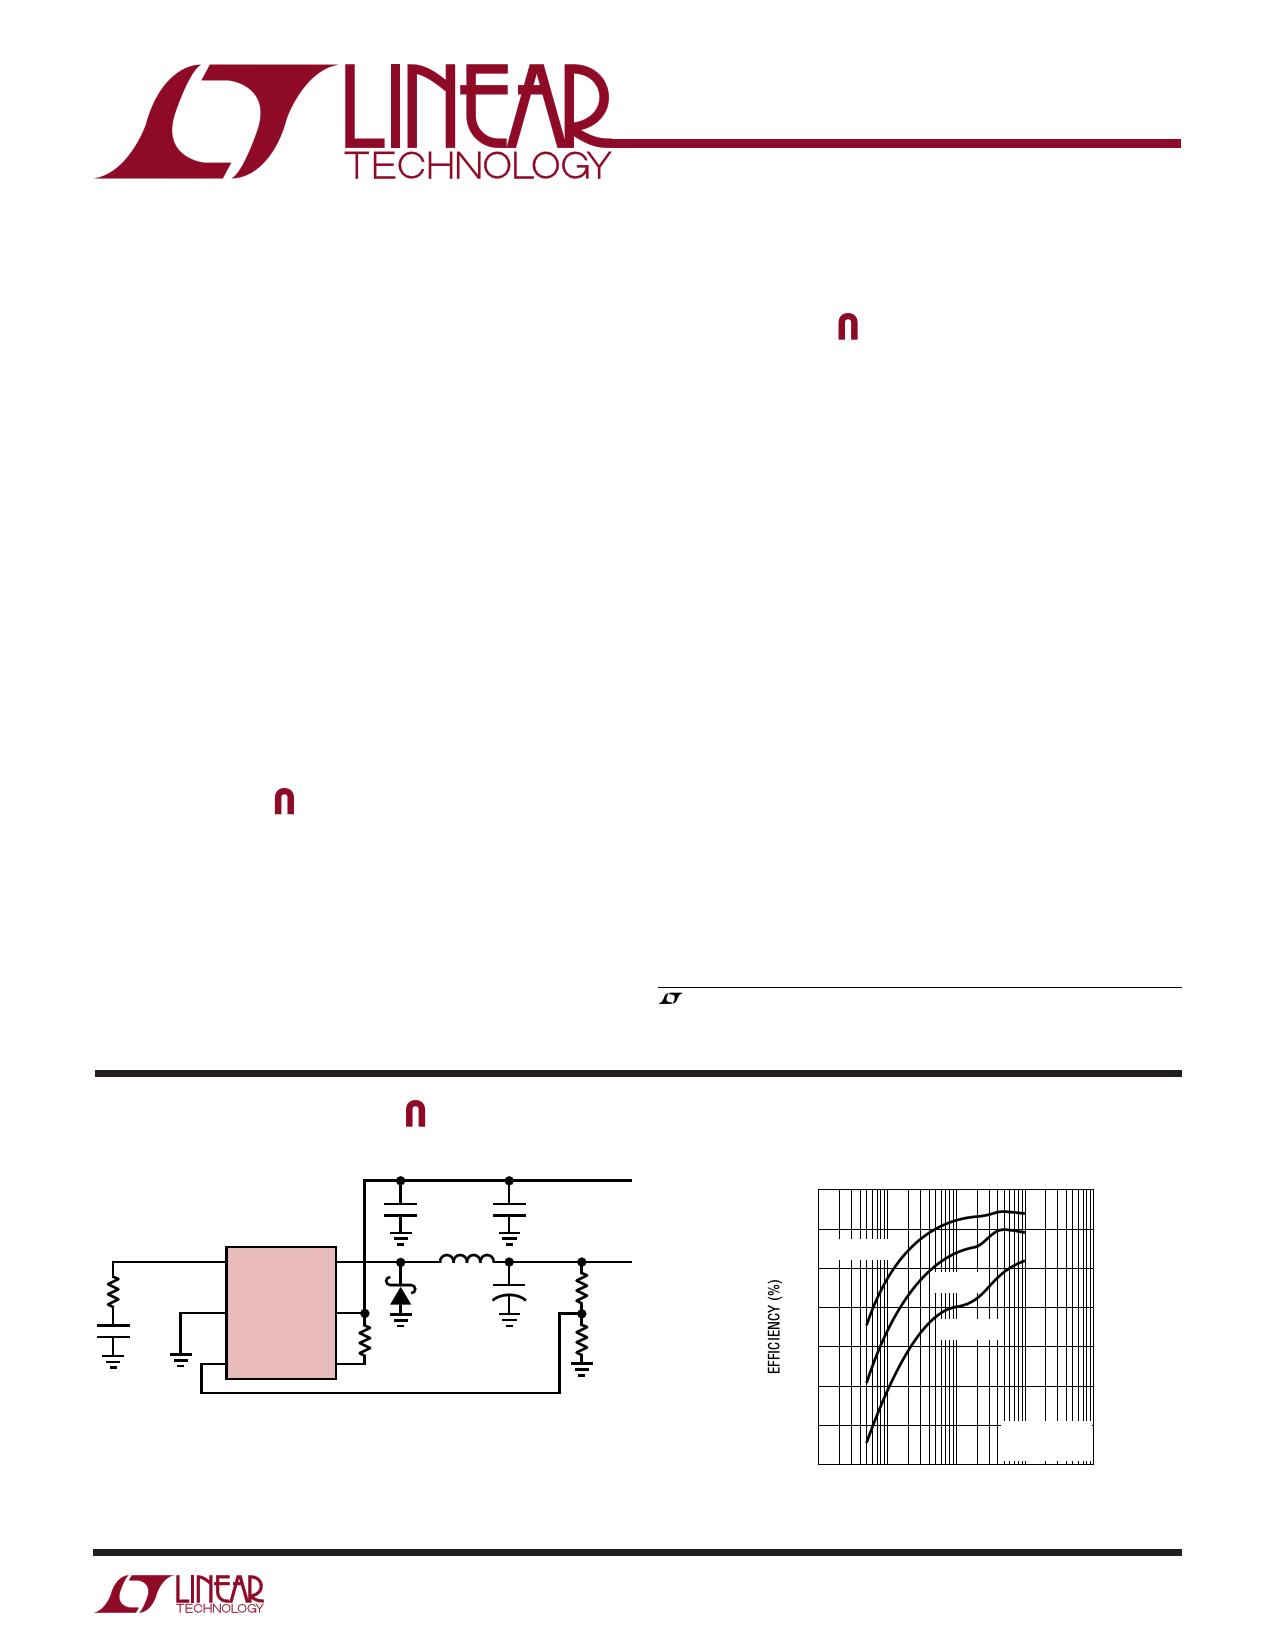 LTC1779 데이터시트 및 LTC1779 PDF